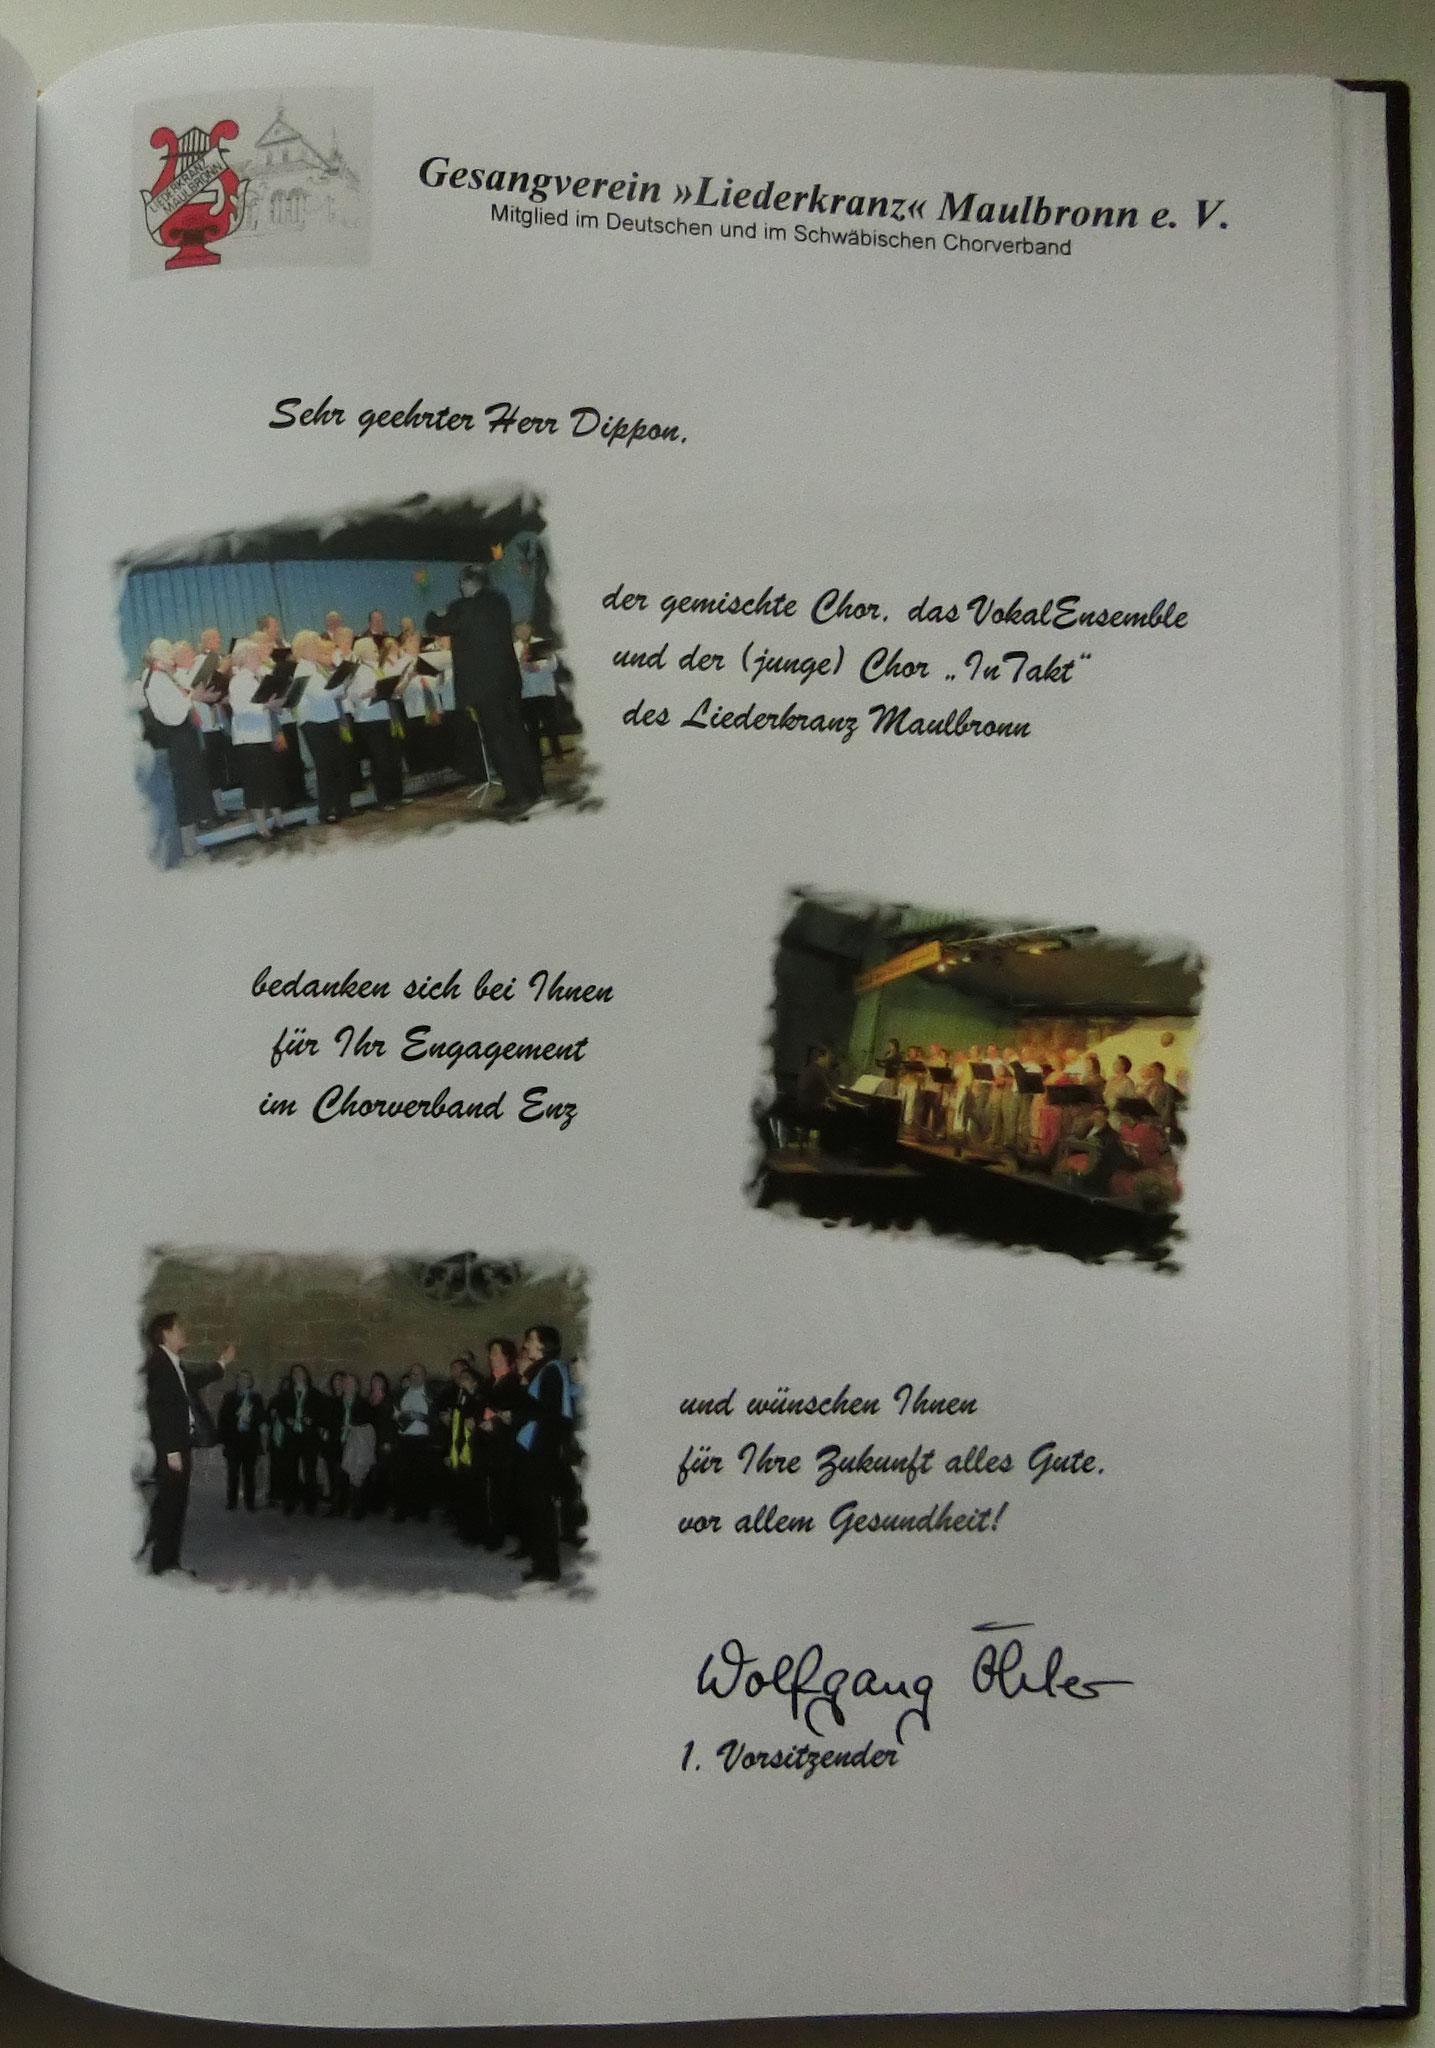 Liederkranz Maulbronn